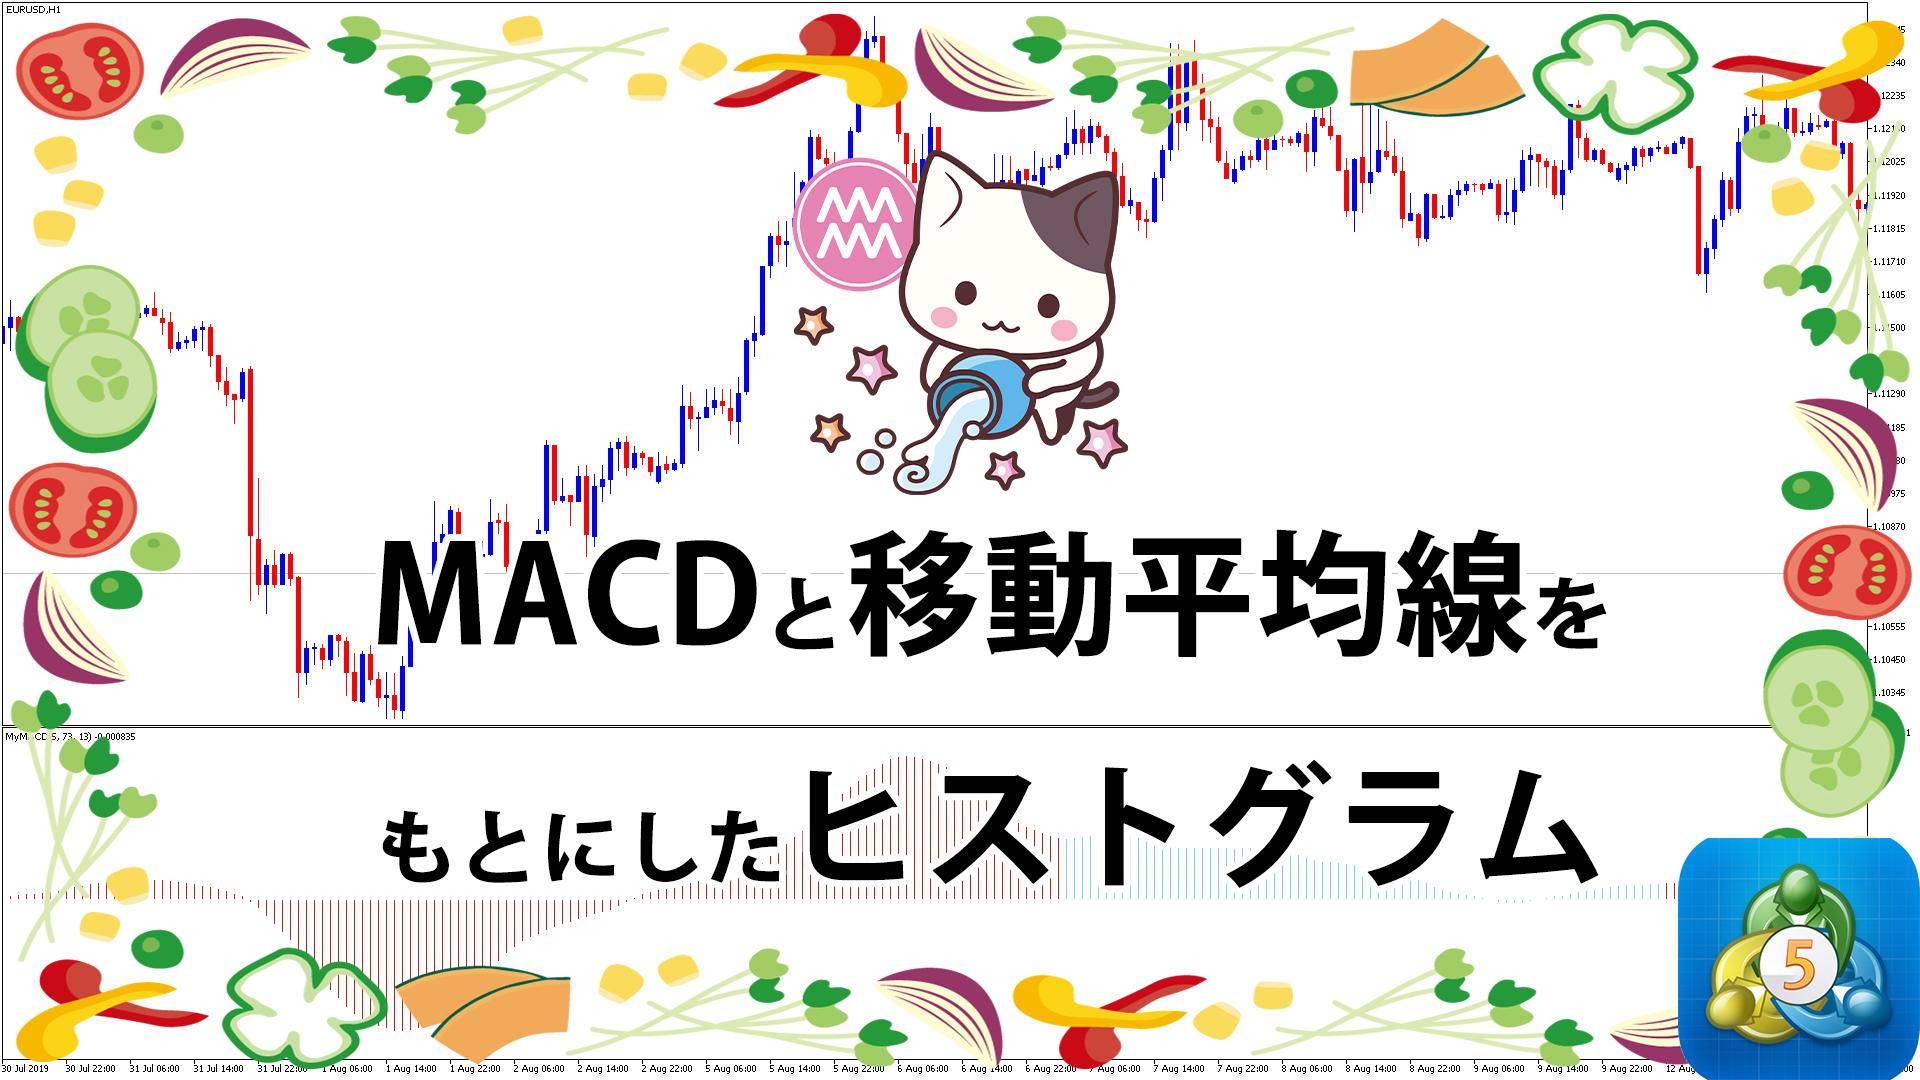 MACDと移動平均線をもとにしたヒストグラムを表示するMT5インジケーター「MACD_Signals」